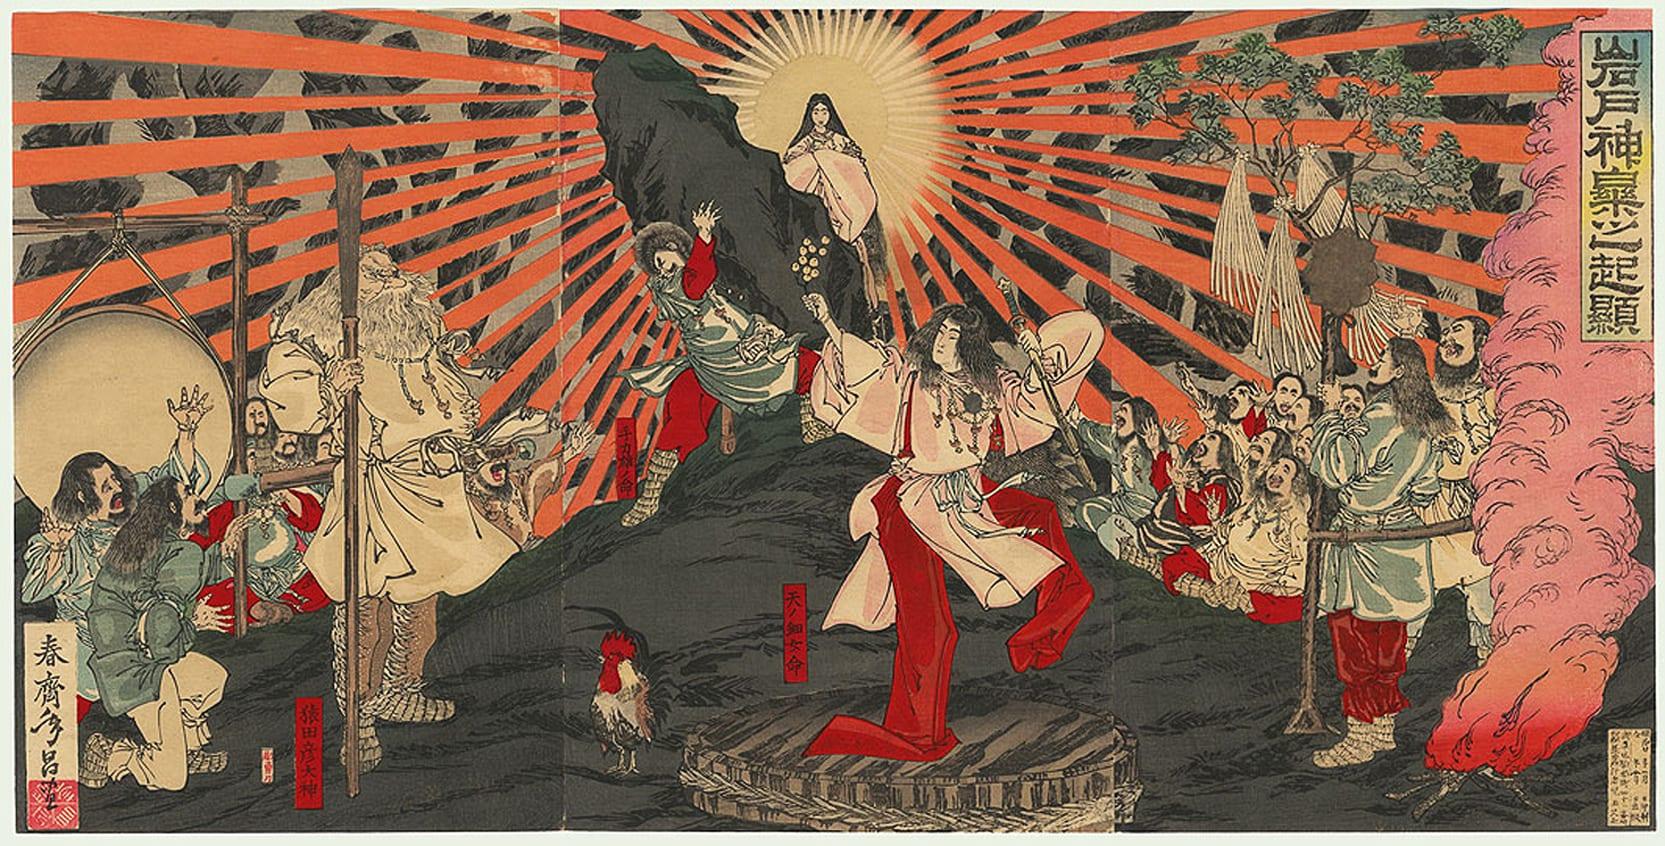 Mitologia japonesa - Origem, versões e principais deuses